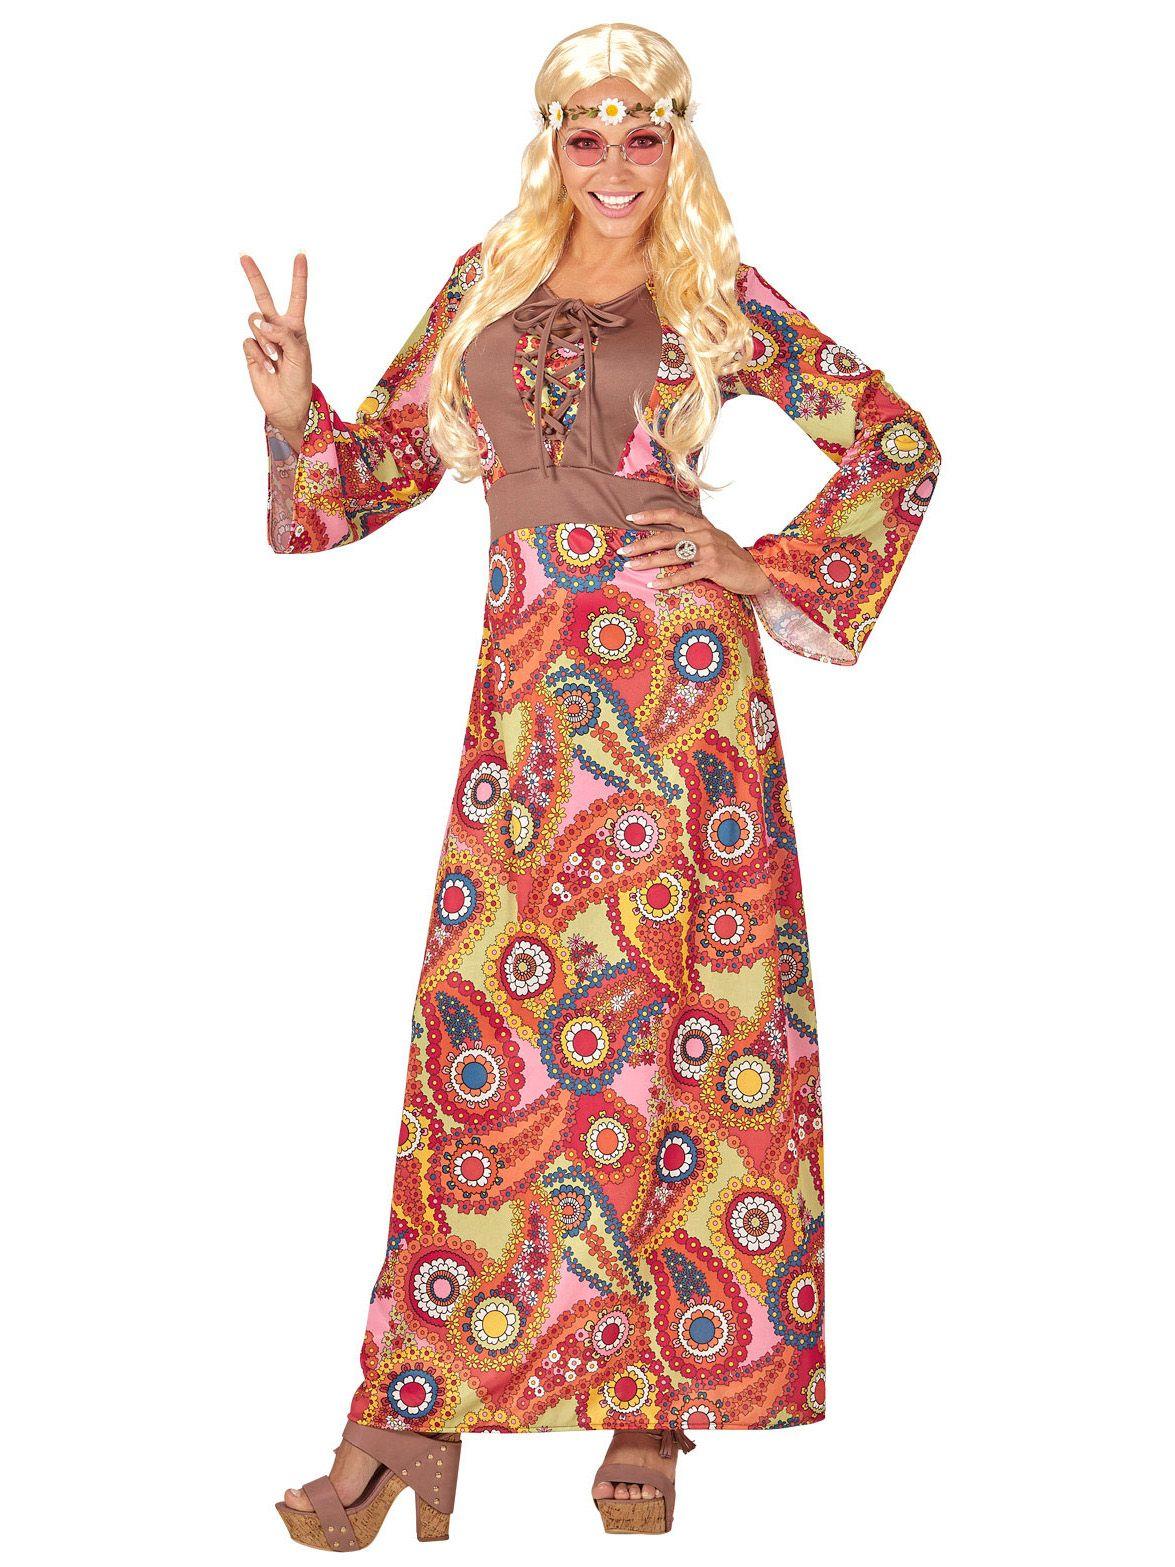 Langes Hippie-Kostüm für Damen in 2020 | 70er jahre kostüm ...